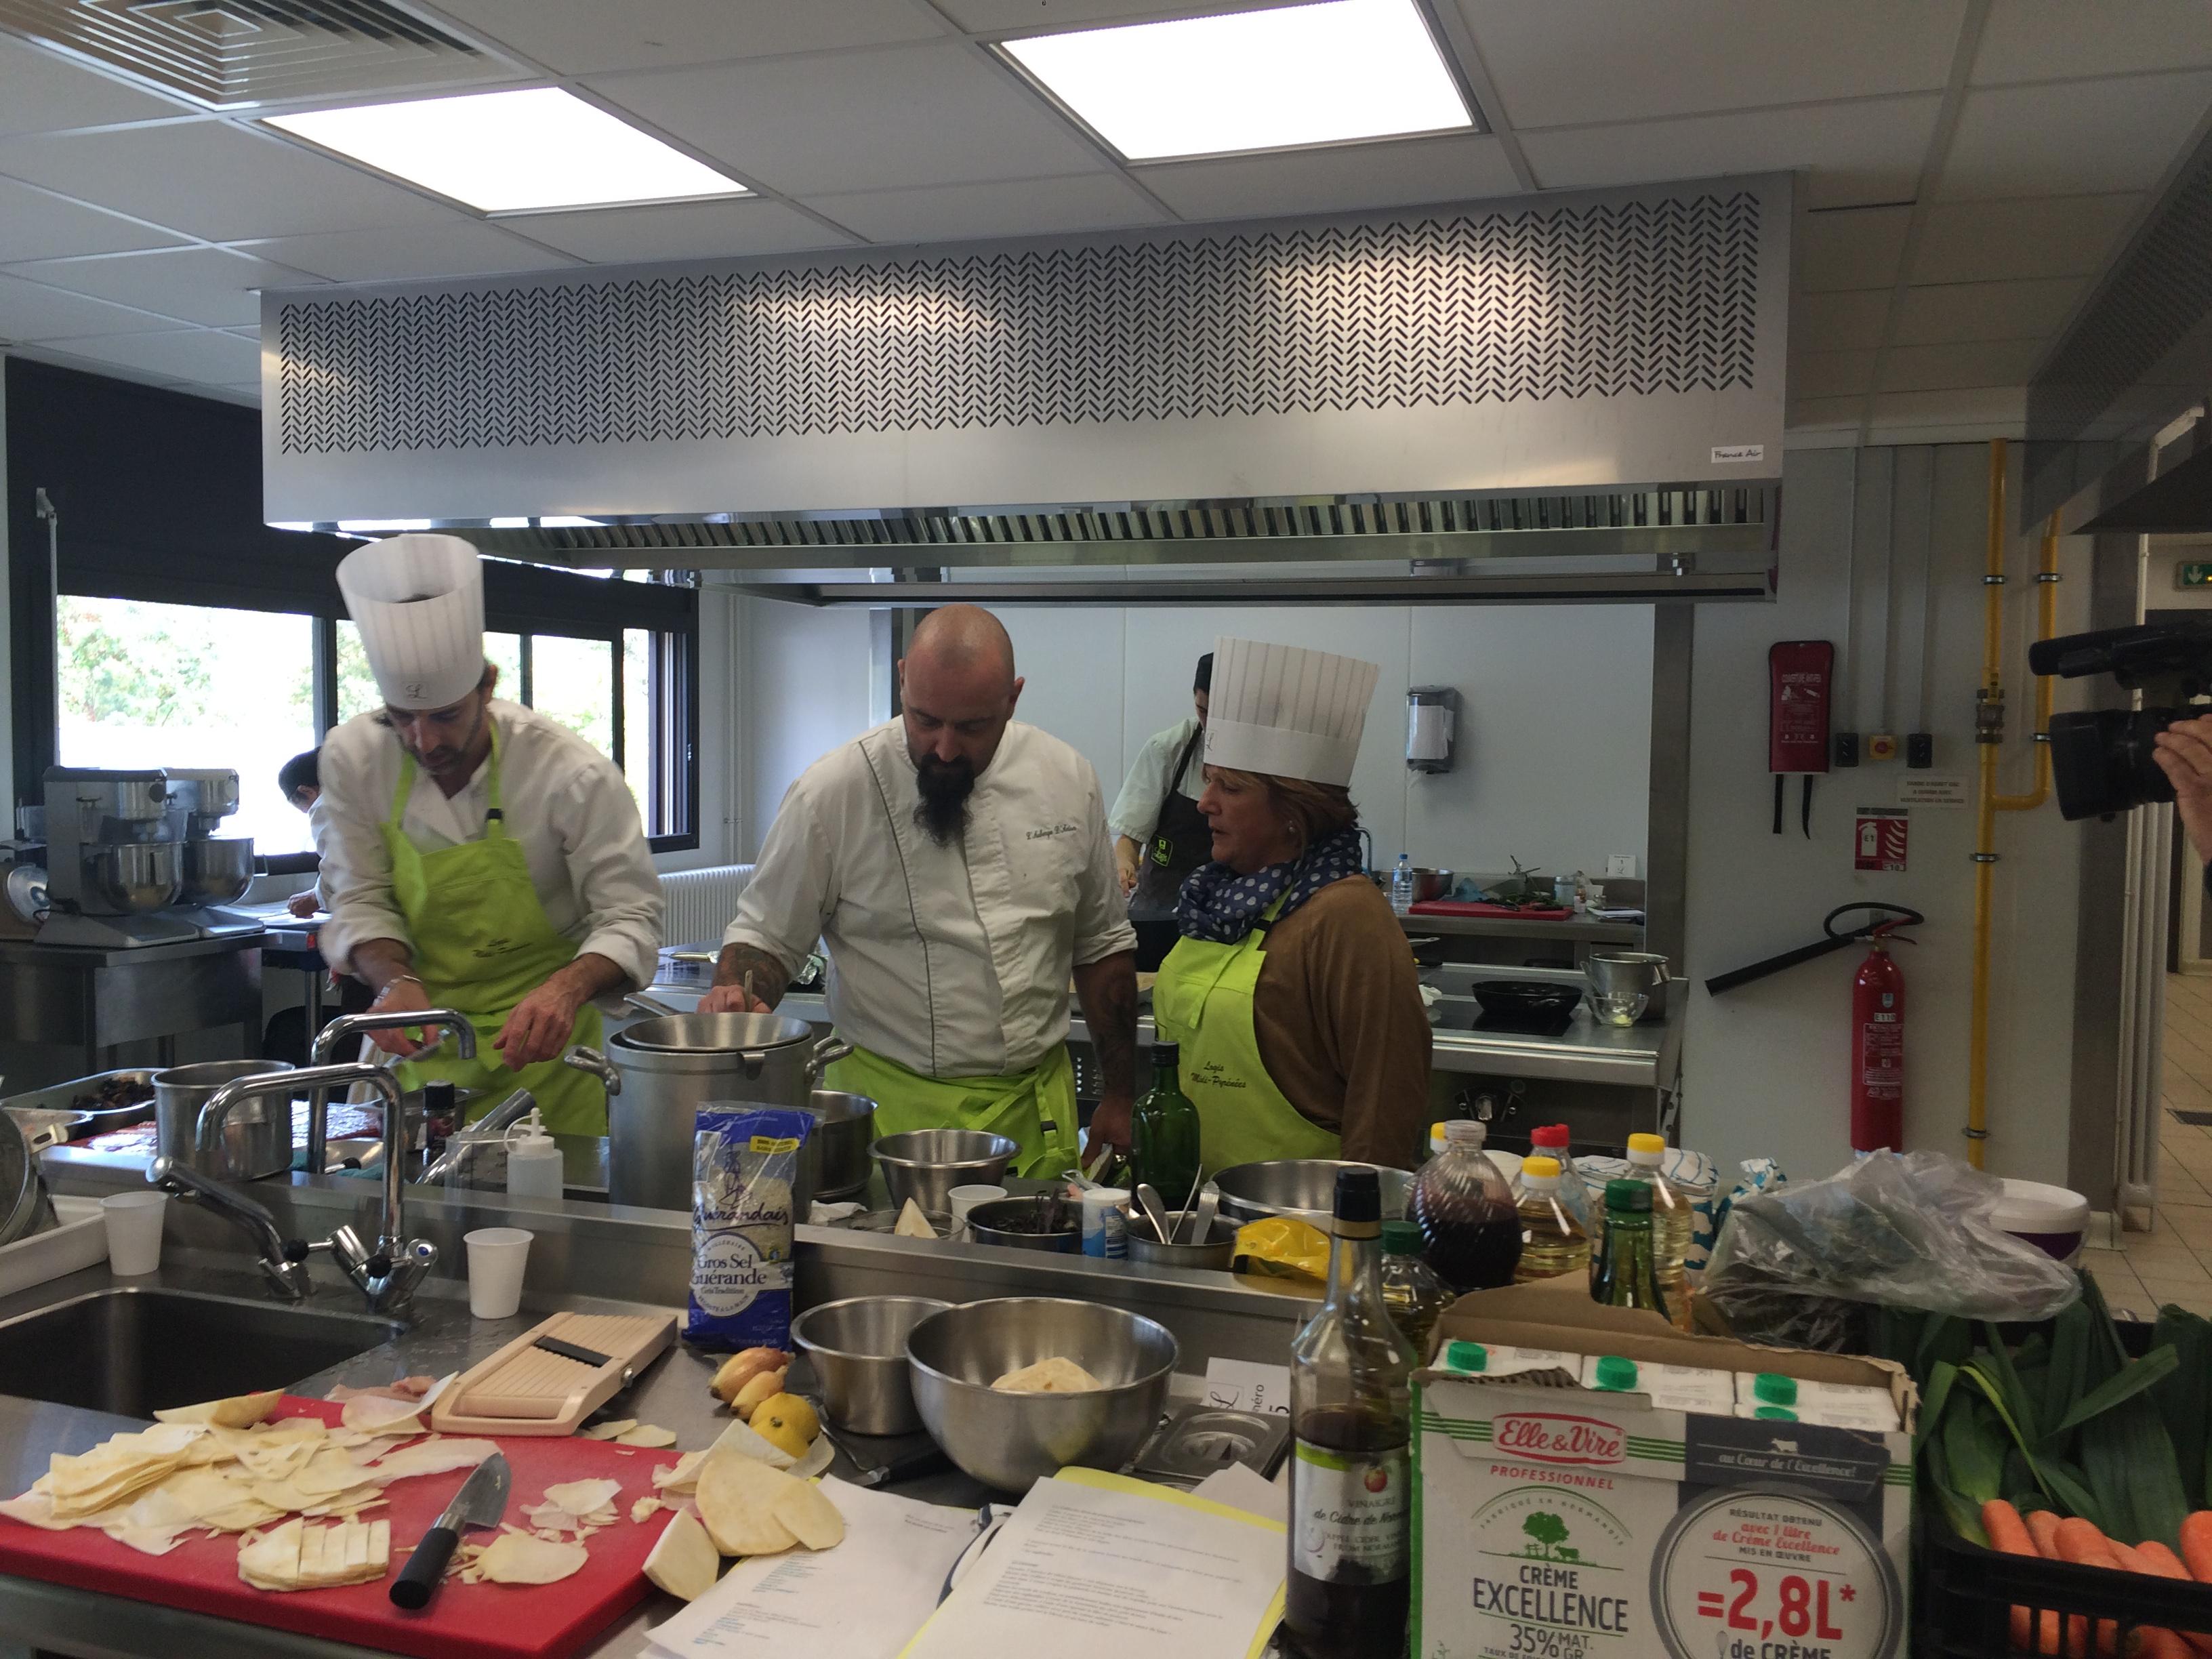 concours cuisine Logis de France Retsaurant Le Chalet Ax les Thermes ariege